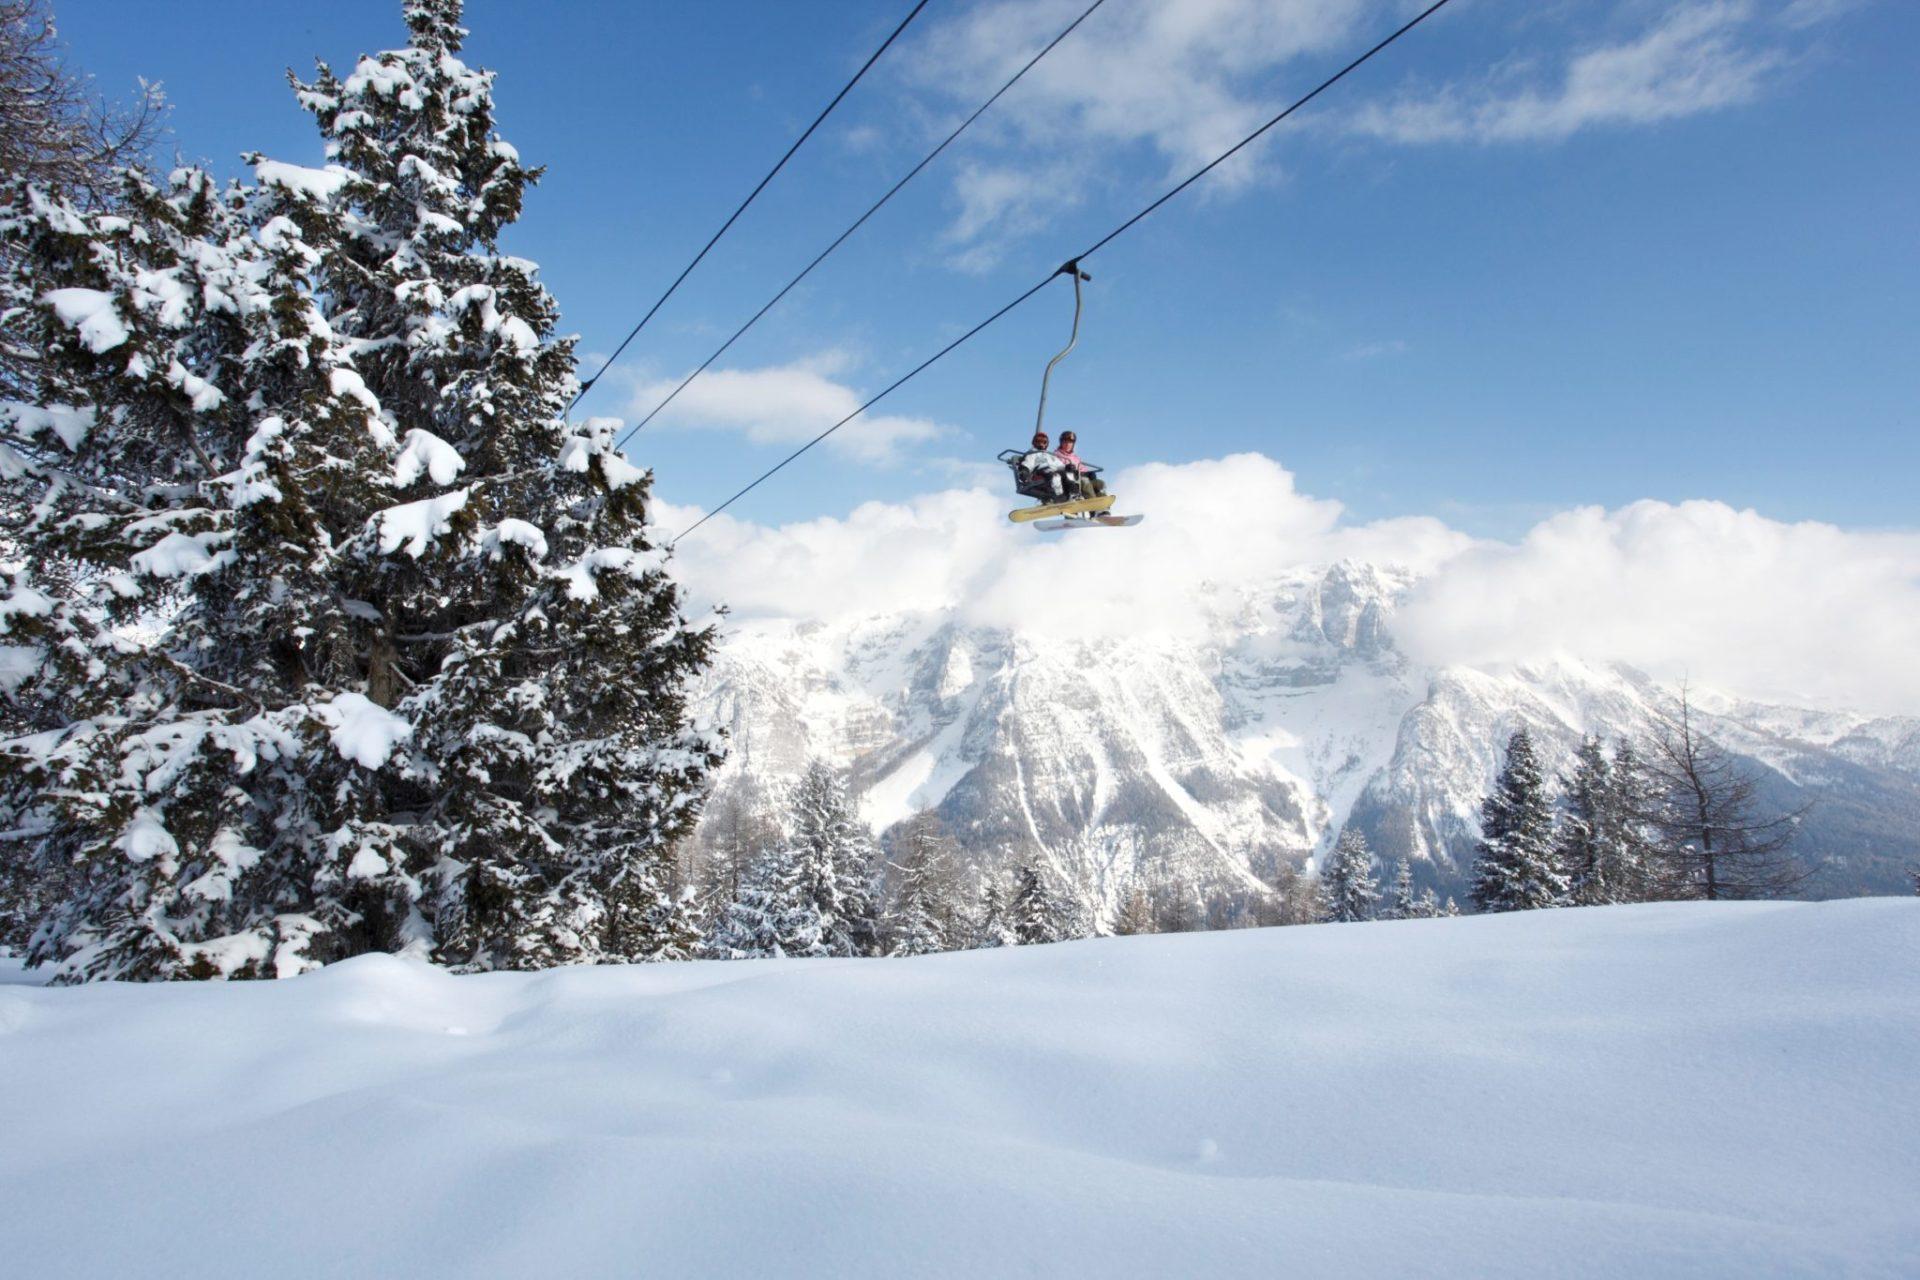 Immagine di testata per Offerta neve Gennaio: 1 giorno gratis!